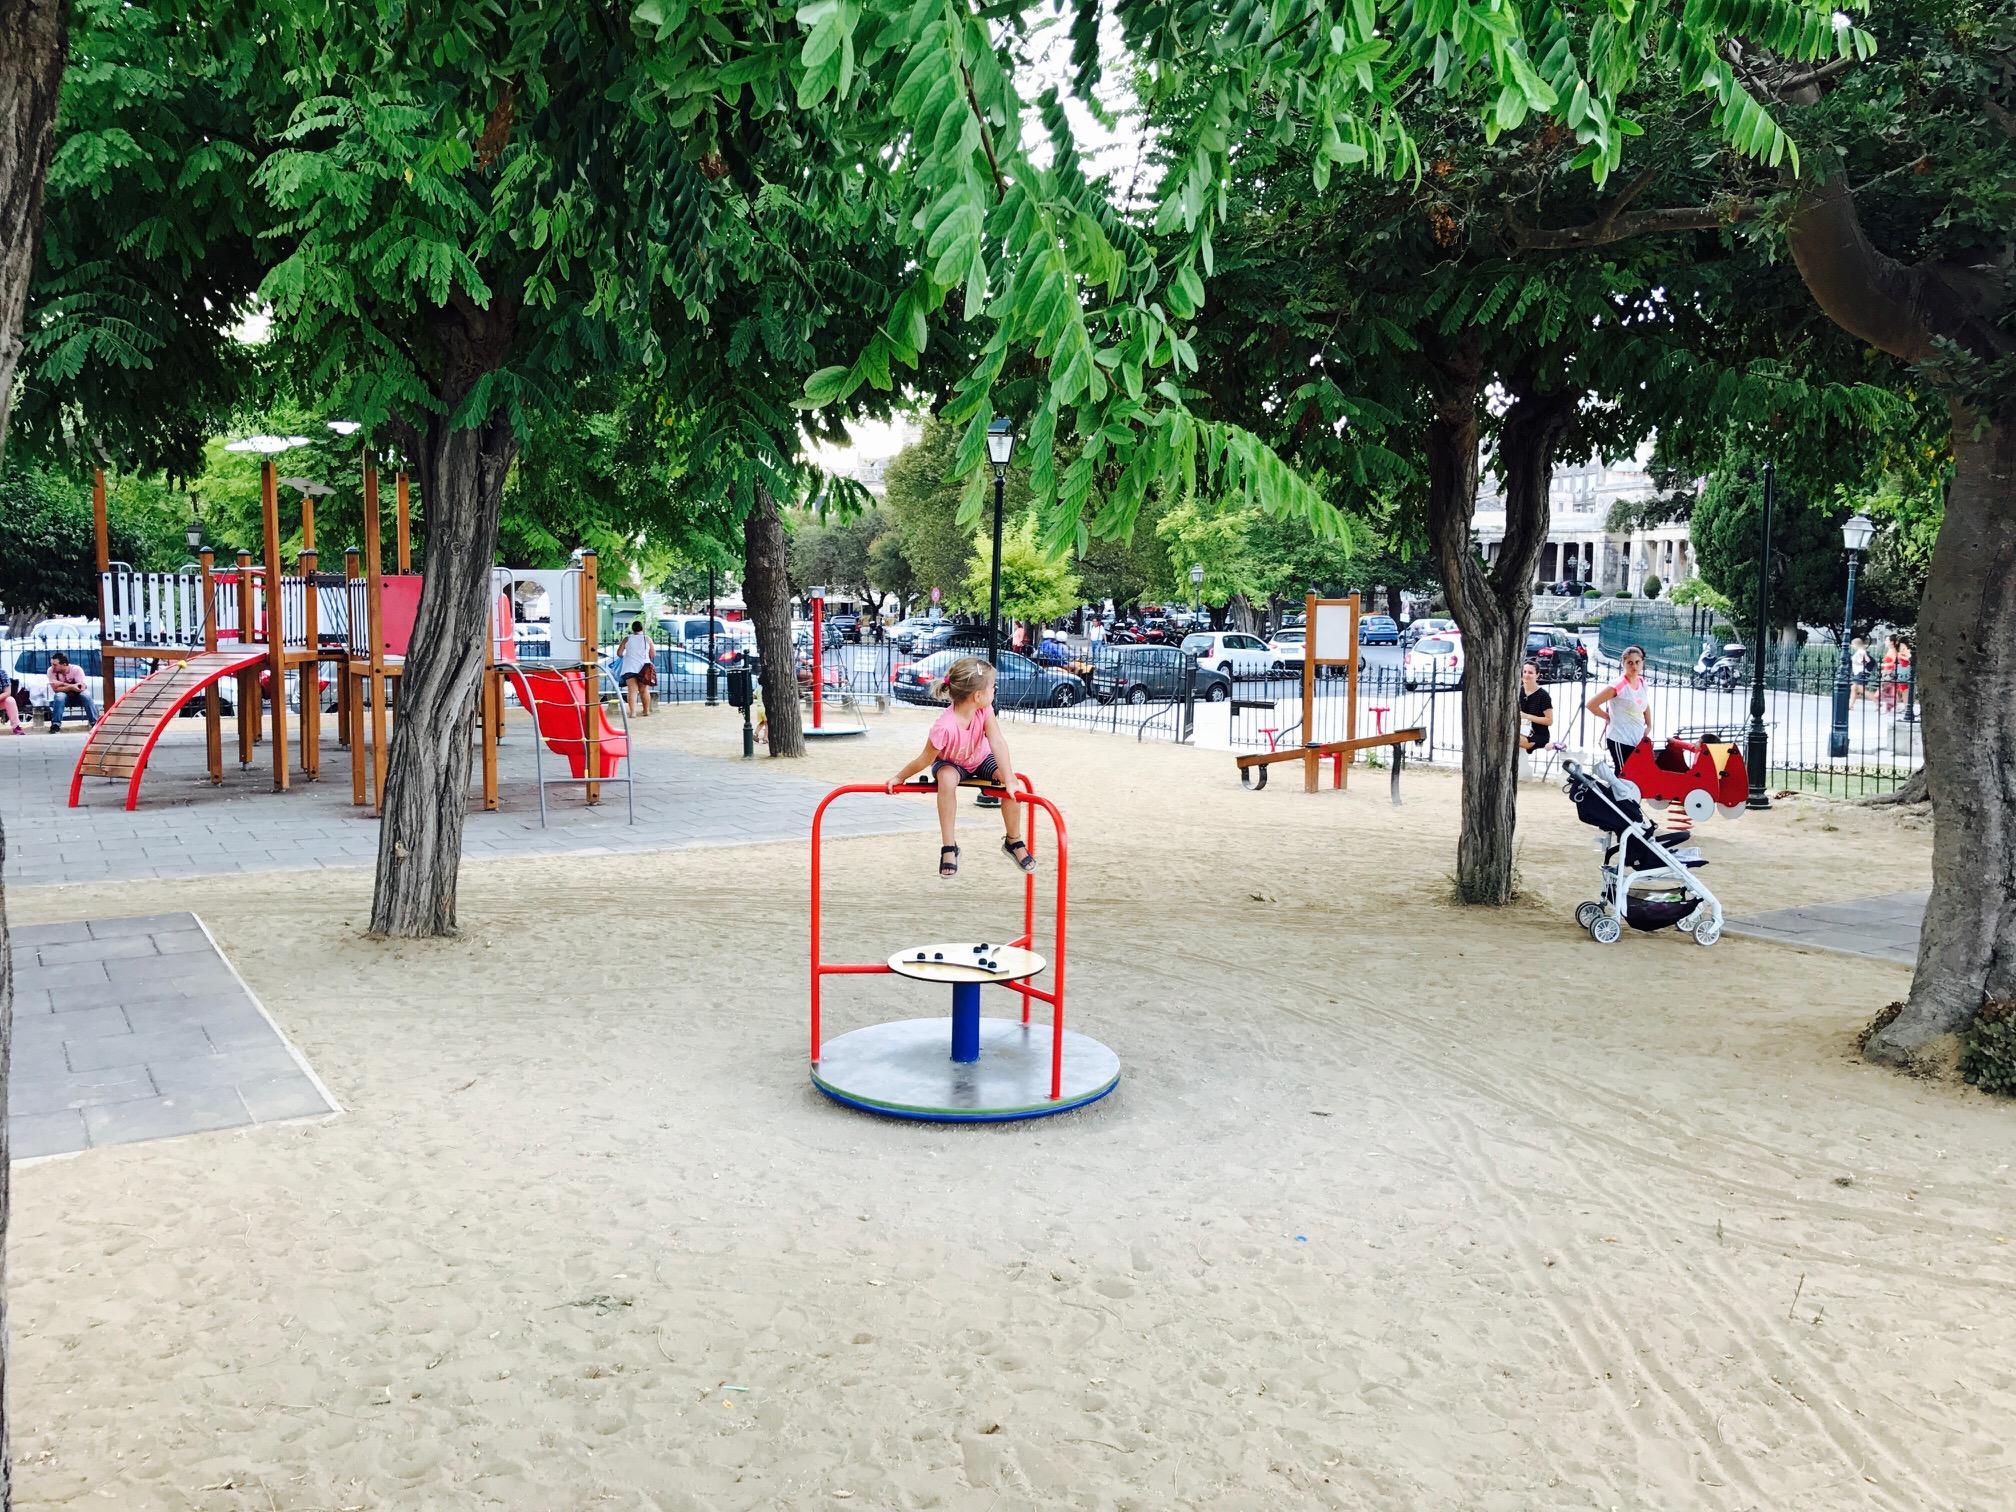 Blick auf den Spielplatz am Rande von Korfu's Altstadt